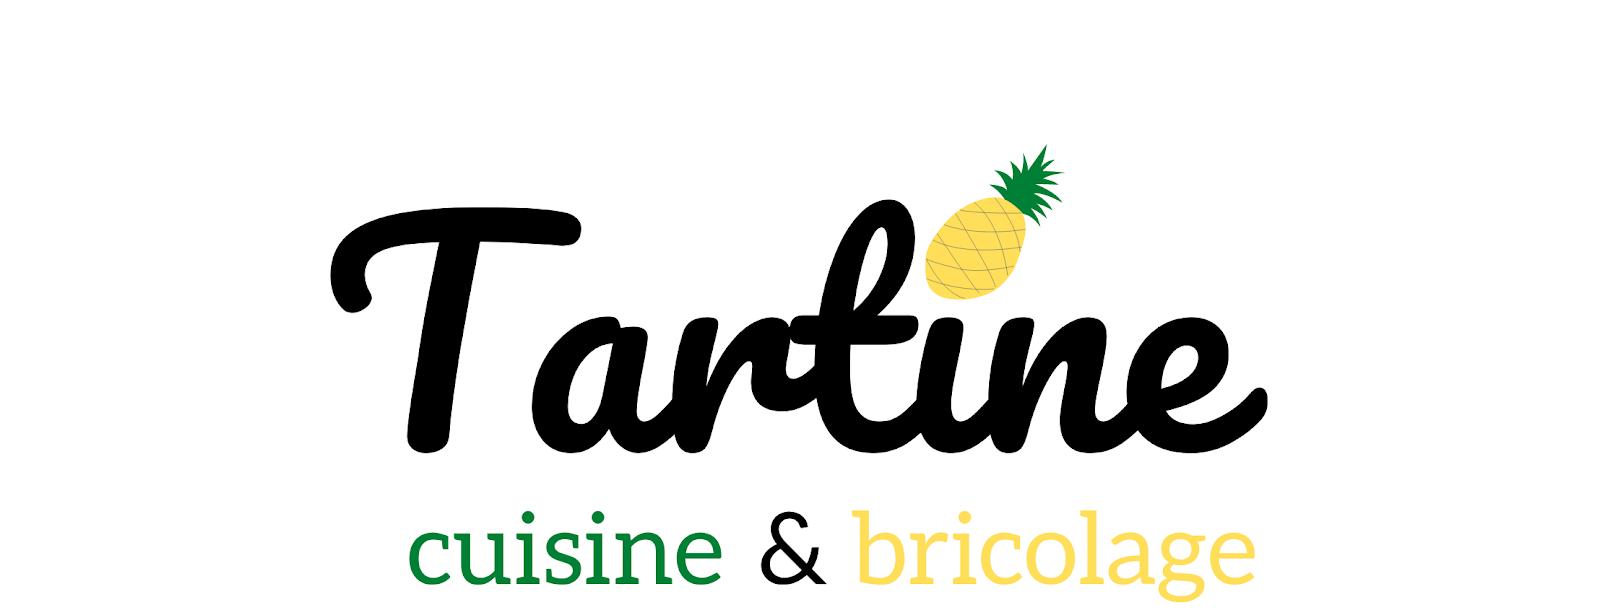 Cuisine de Tartine